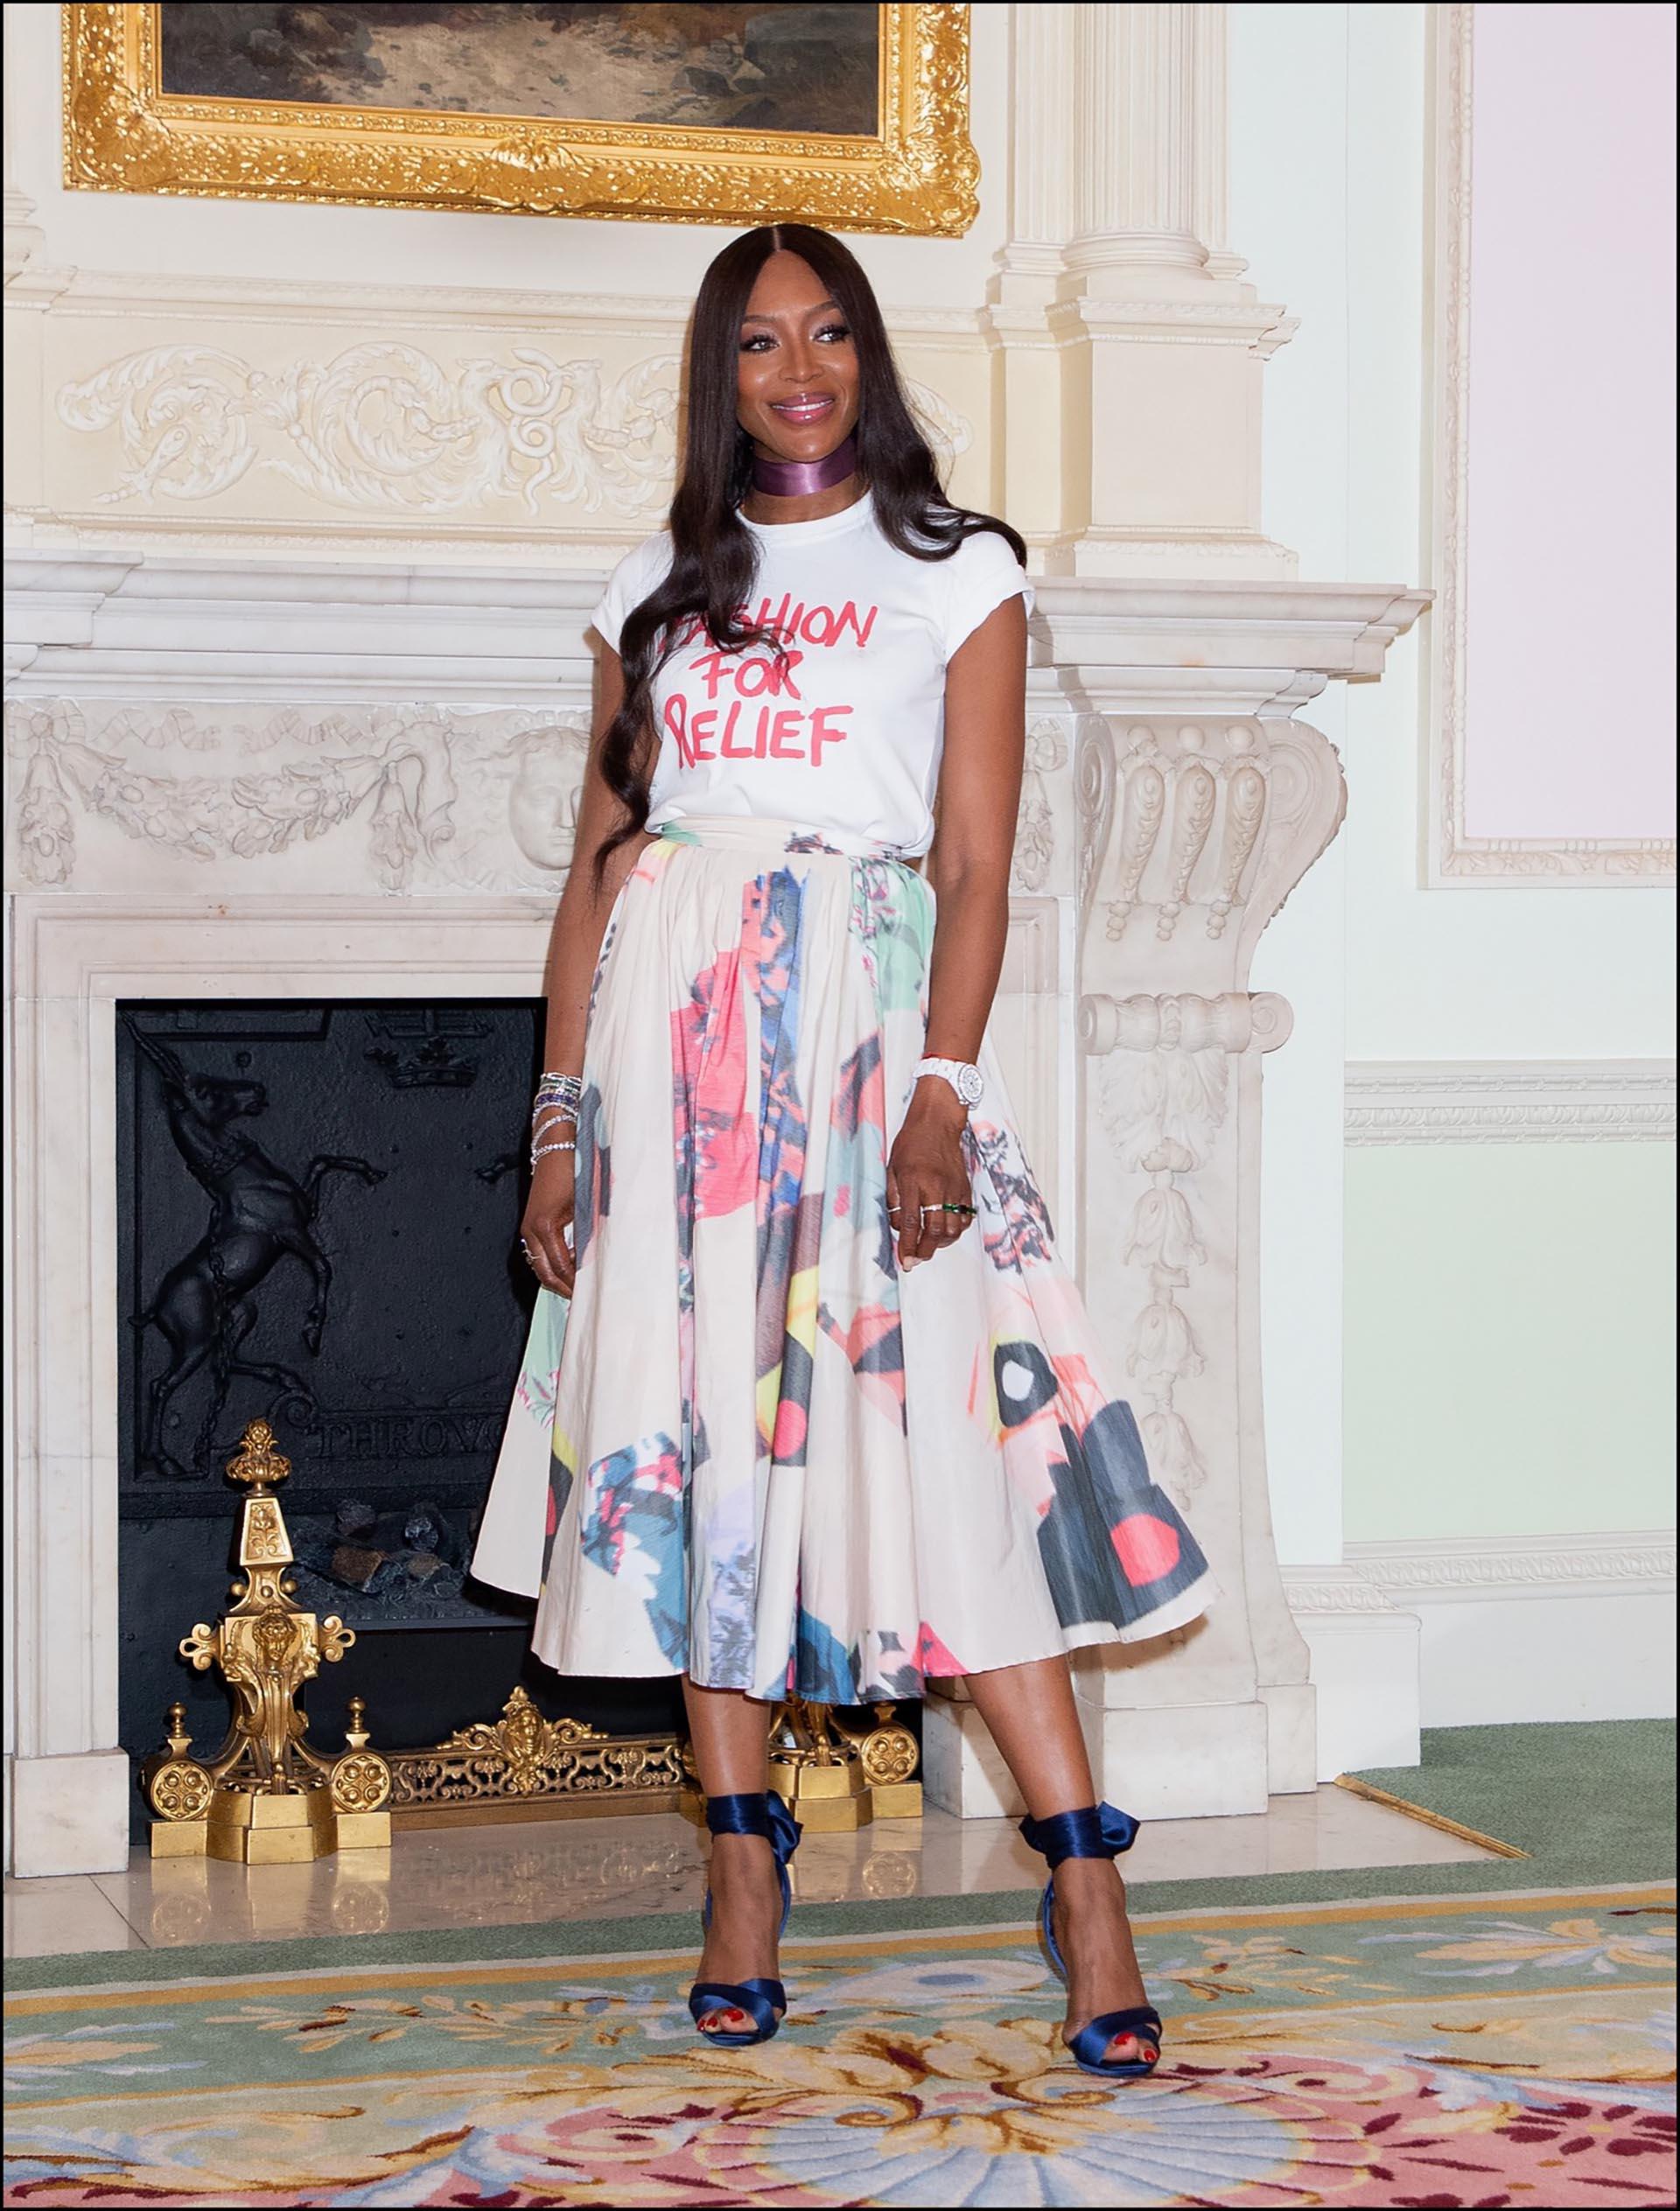 La top model con la remera de Fashion for Relief.